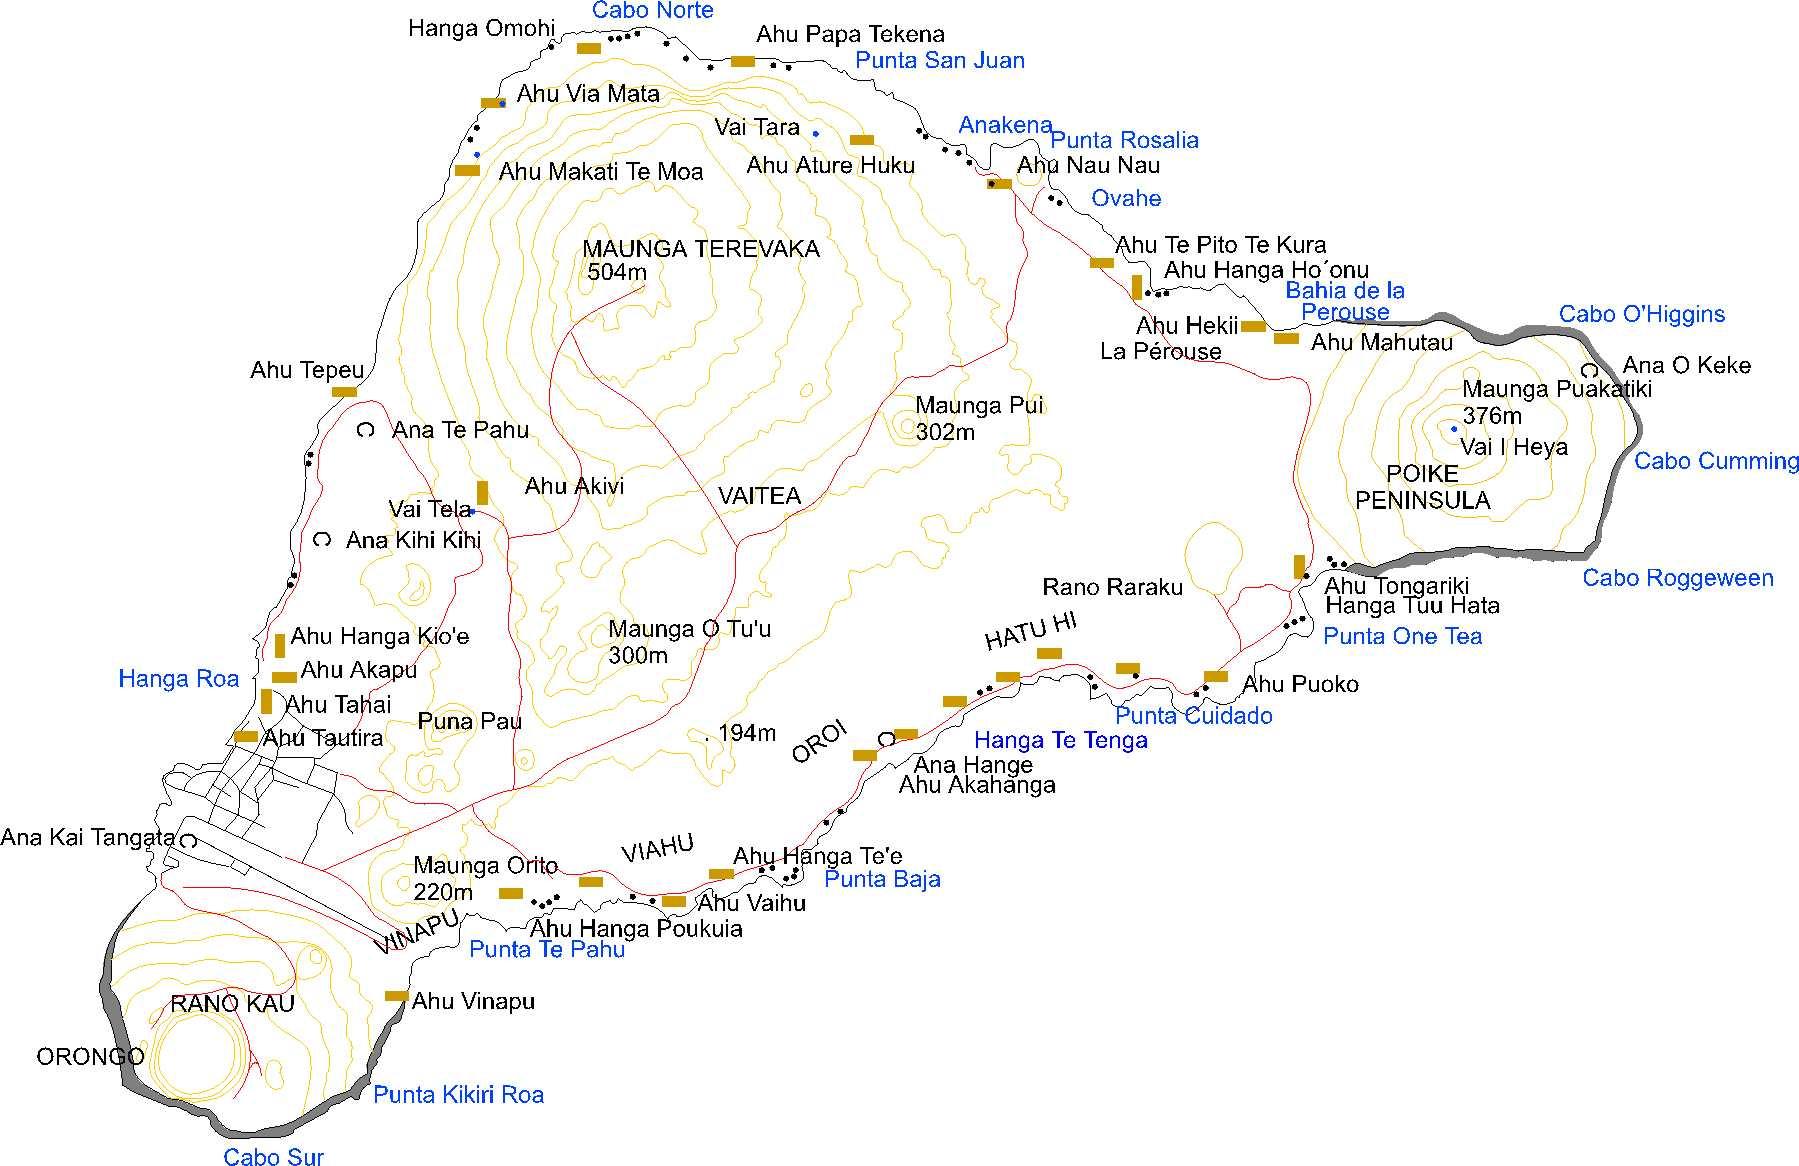 Easter Island Map Easter Island Mappery - Easter island map